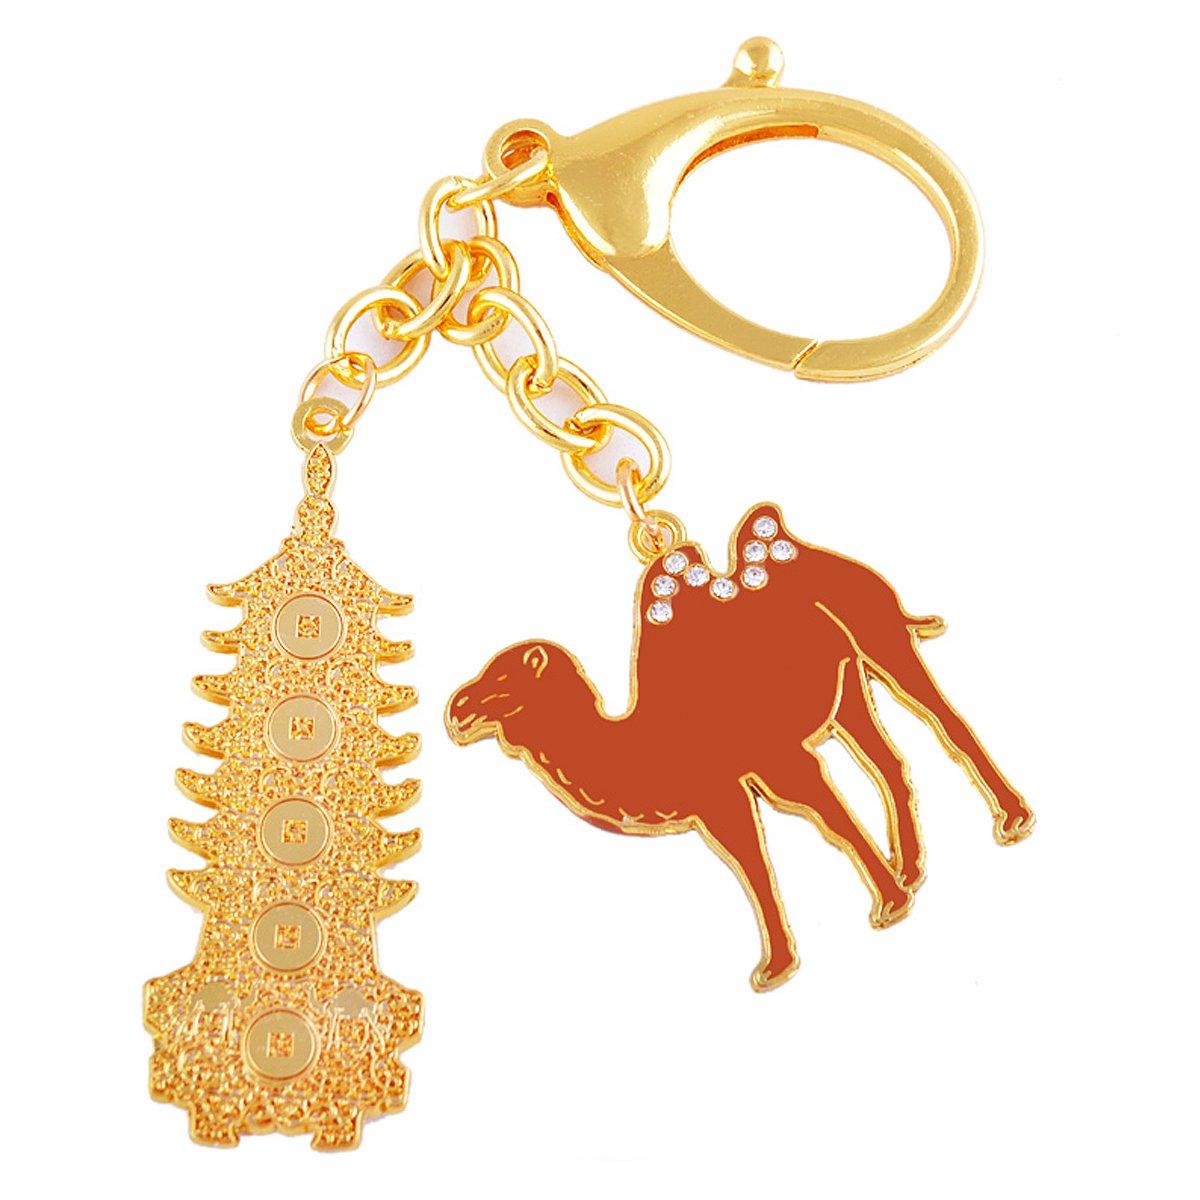 Amazon.com: Fengshui Siete nivel Pagoda con camello amuleto ...